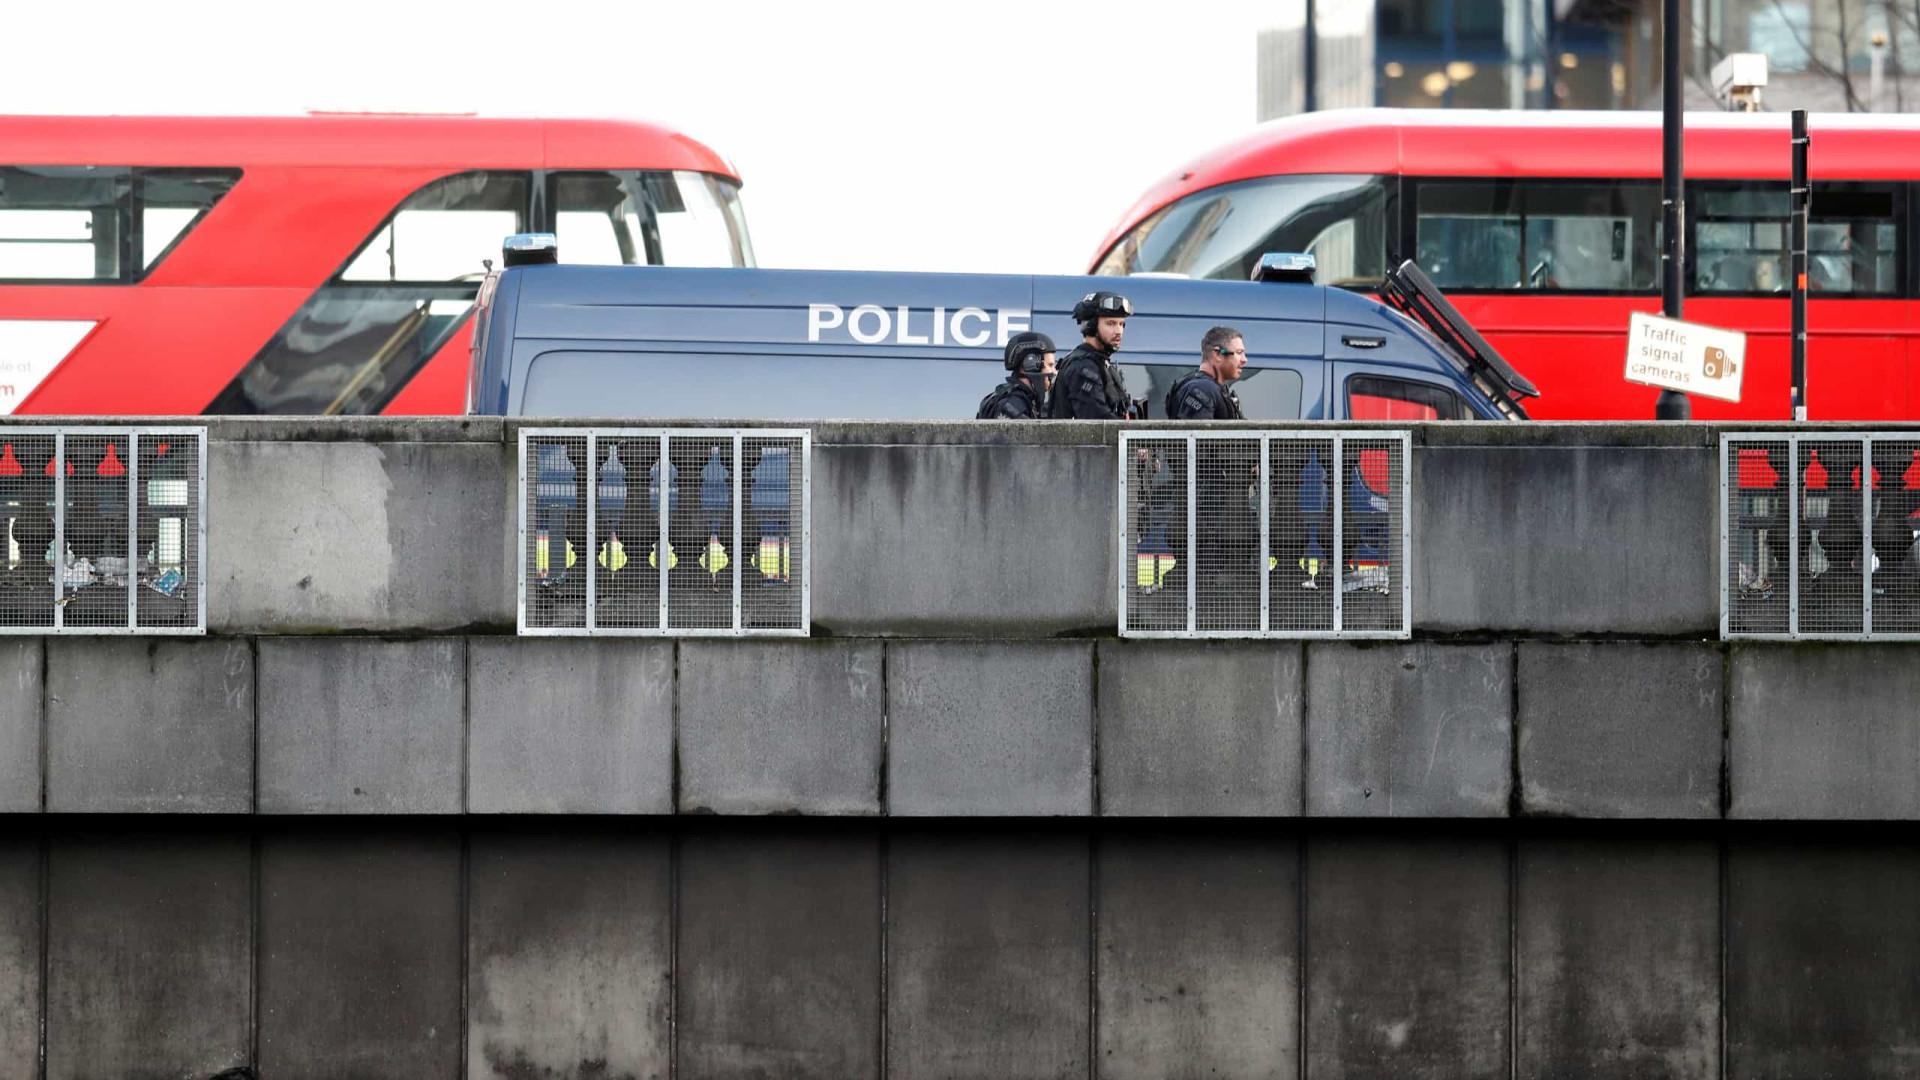 Uma pessoa morre e 5 ficam feridos em ataque na Ponte de Londres